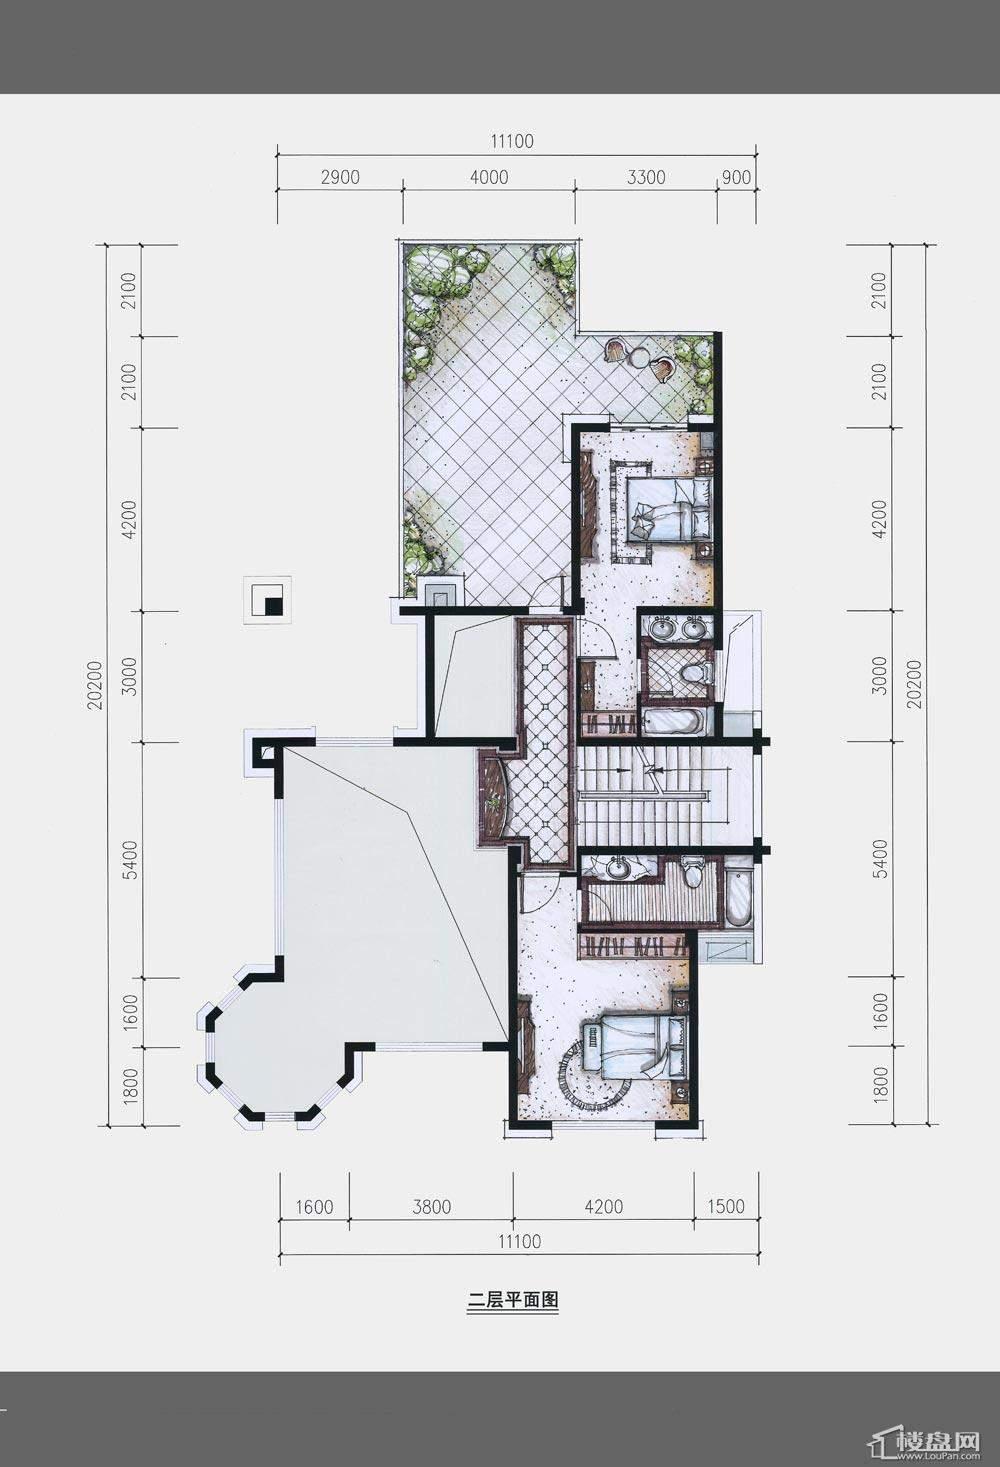 卢浮原著二层平面图户型图